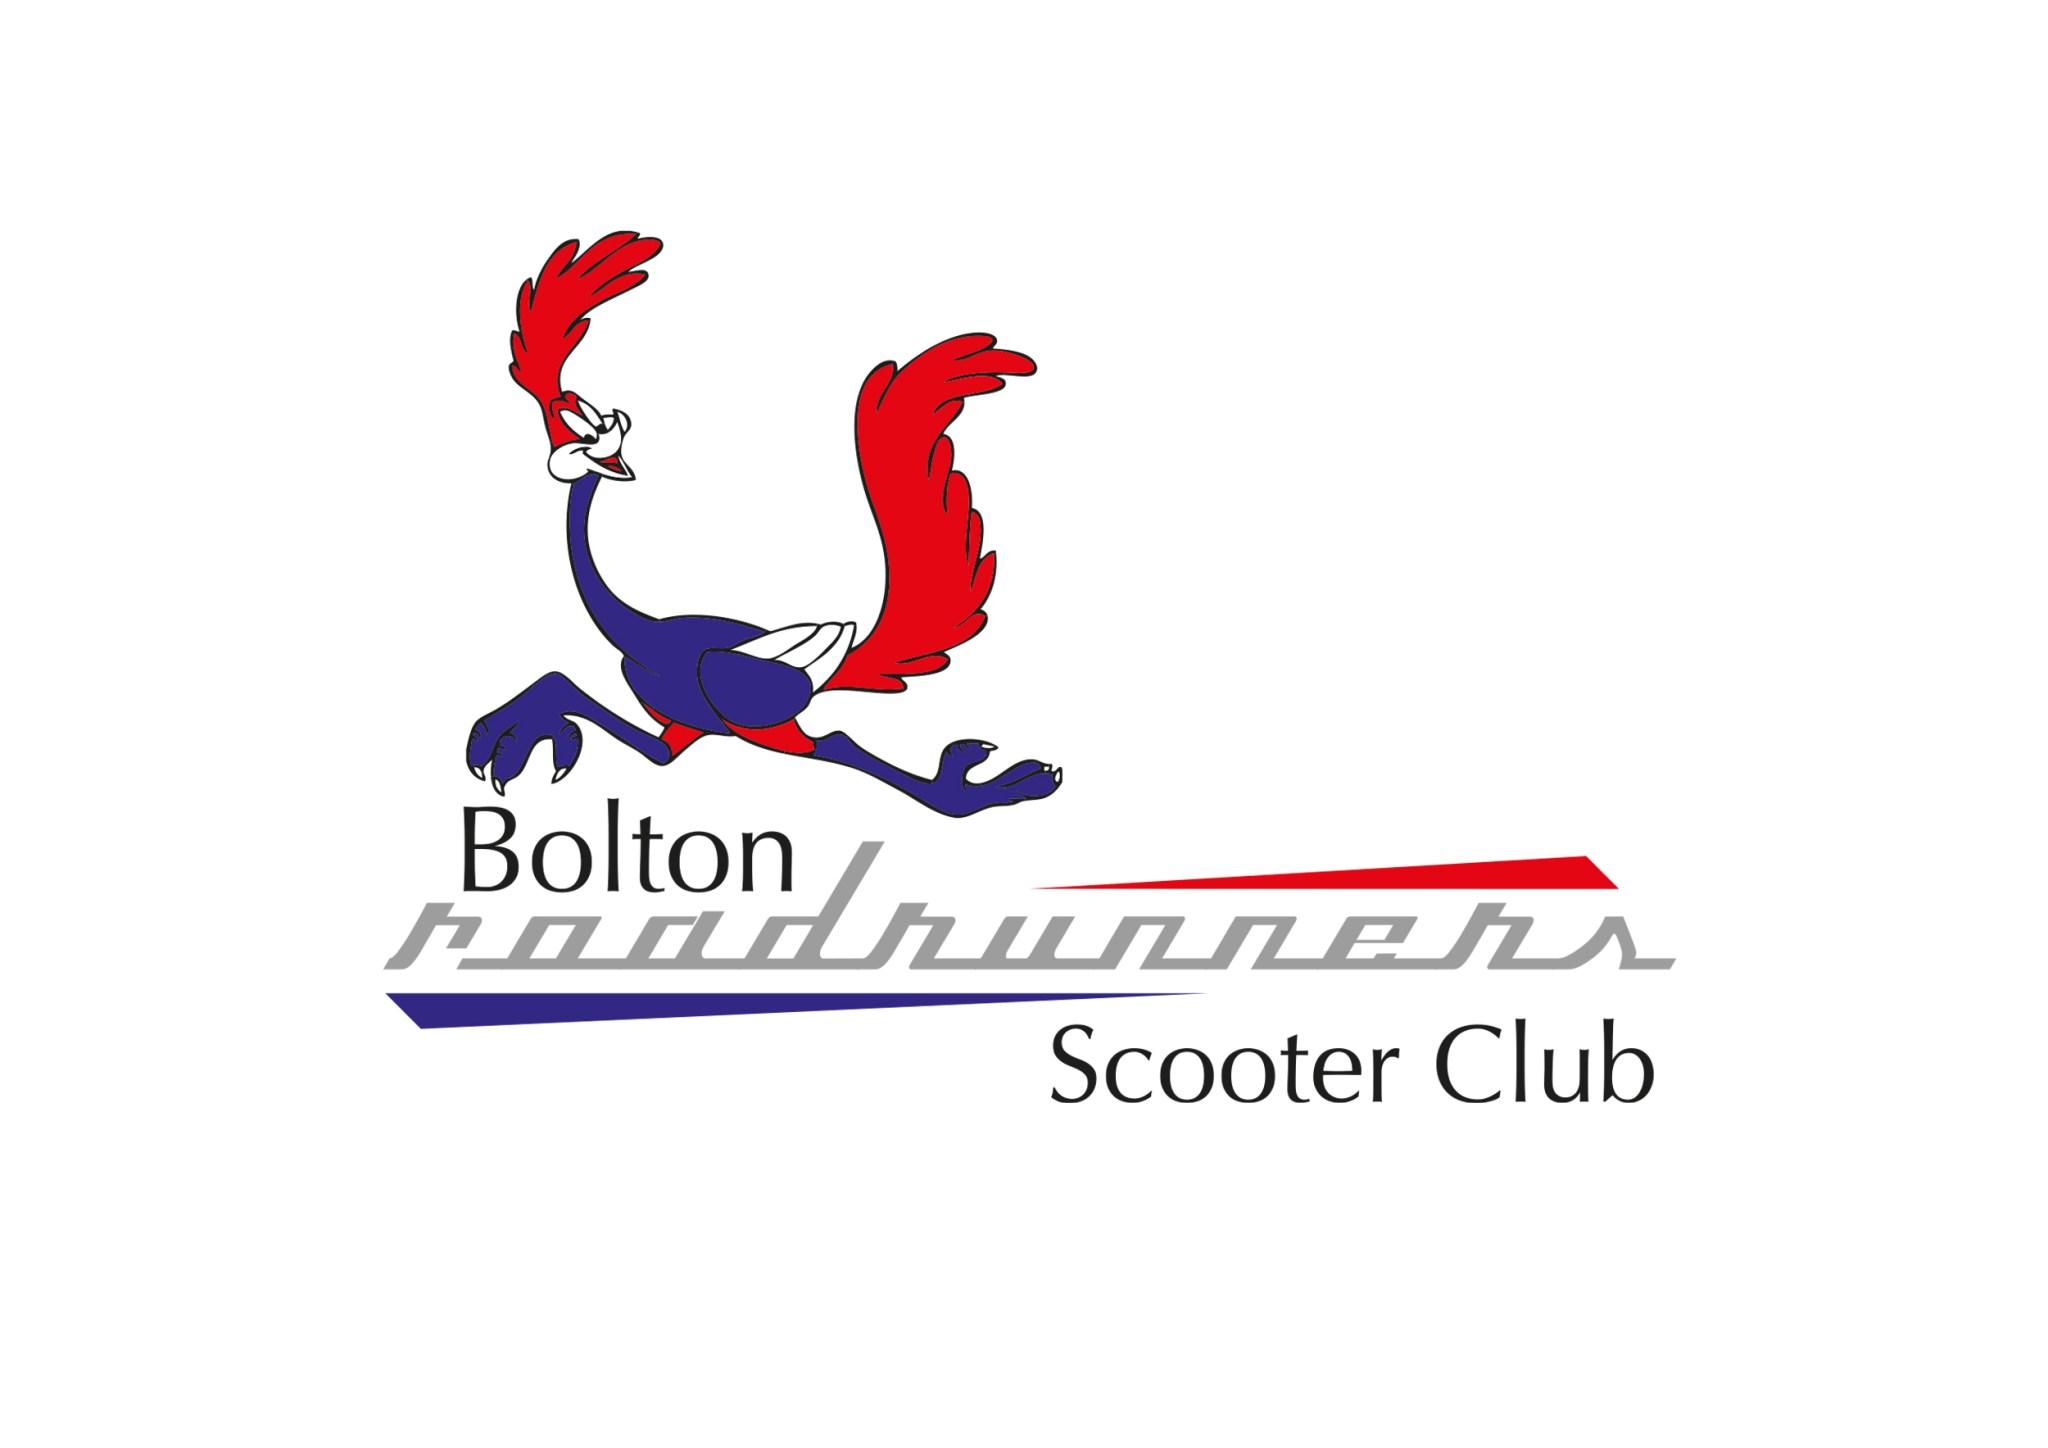 Bolton Roadrunners